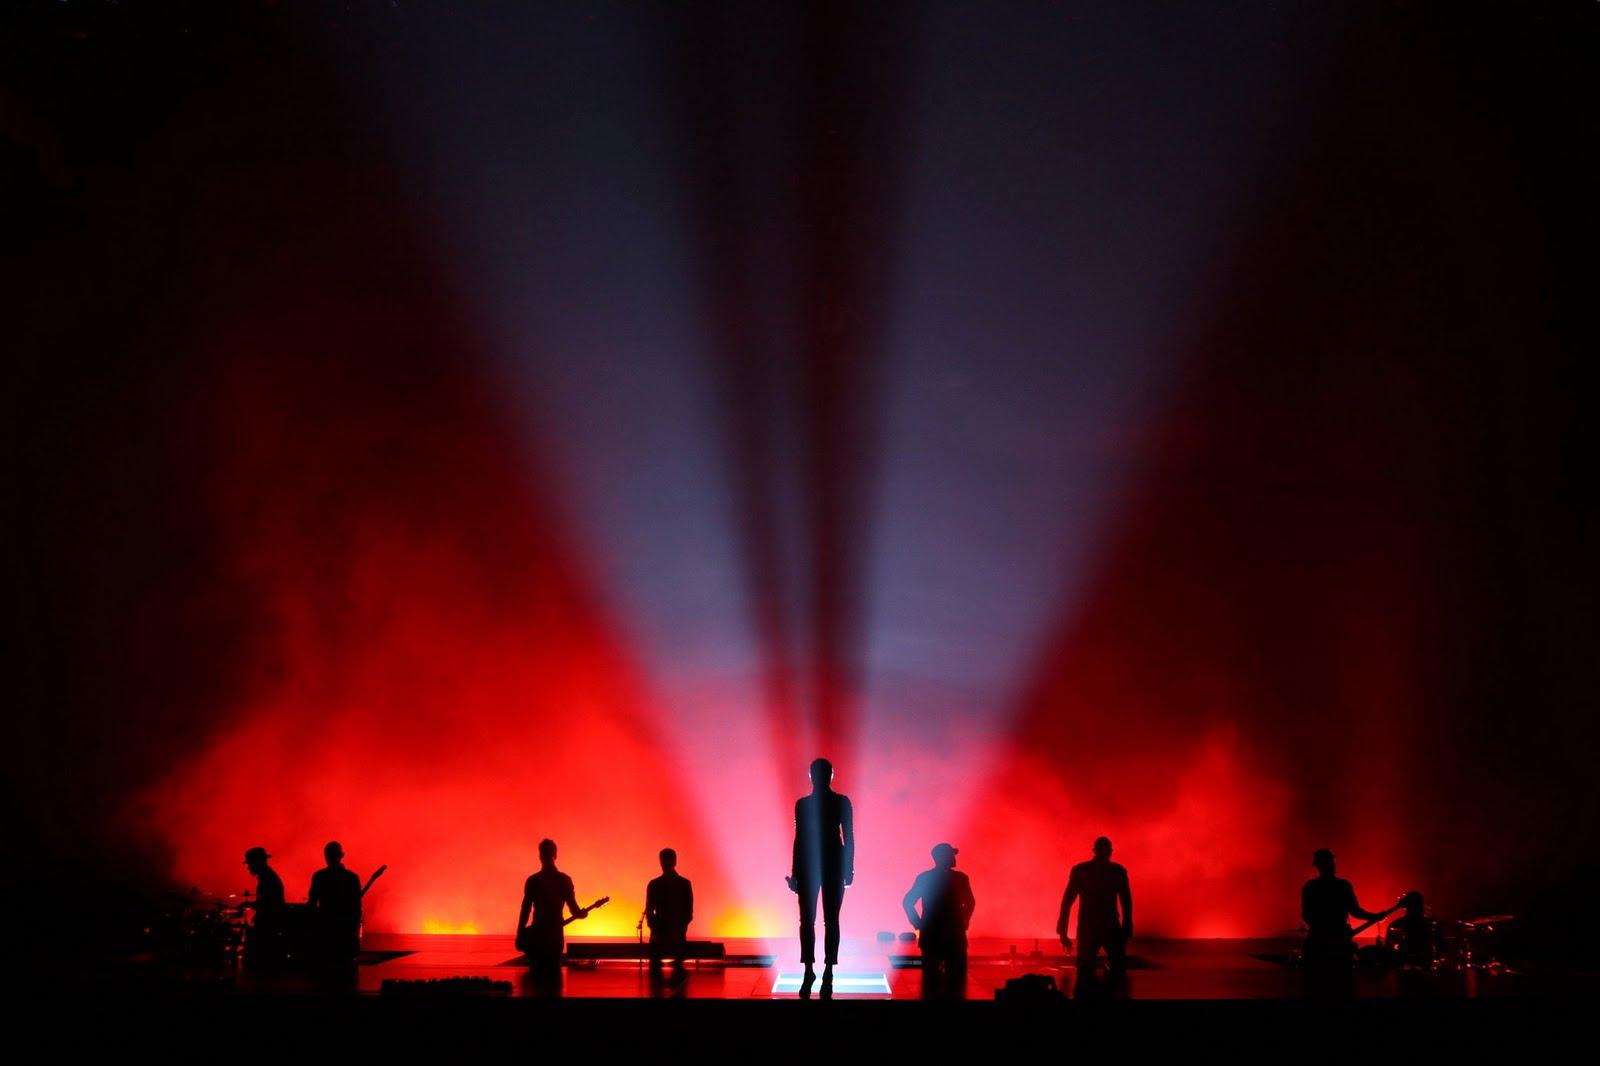 http://1.bp.blogspot.com/-JTnlNg7K5gA/TjQ6usZi0-I/AAAAAAAAE2c/kF30ltpZ-VA/s1600/Sade+Concert2.jpg